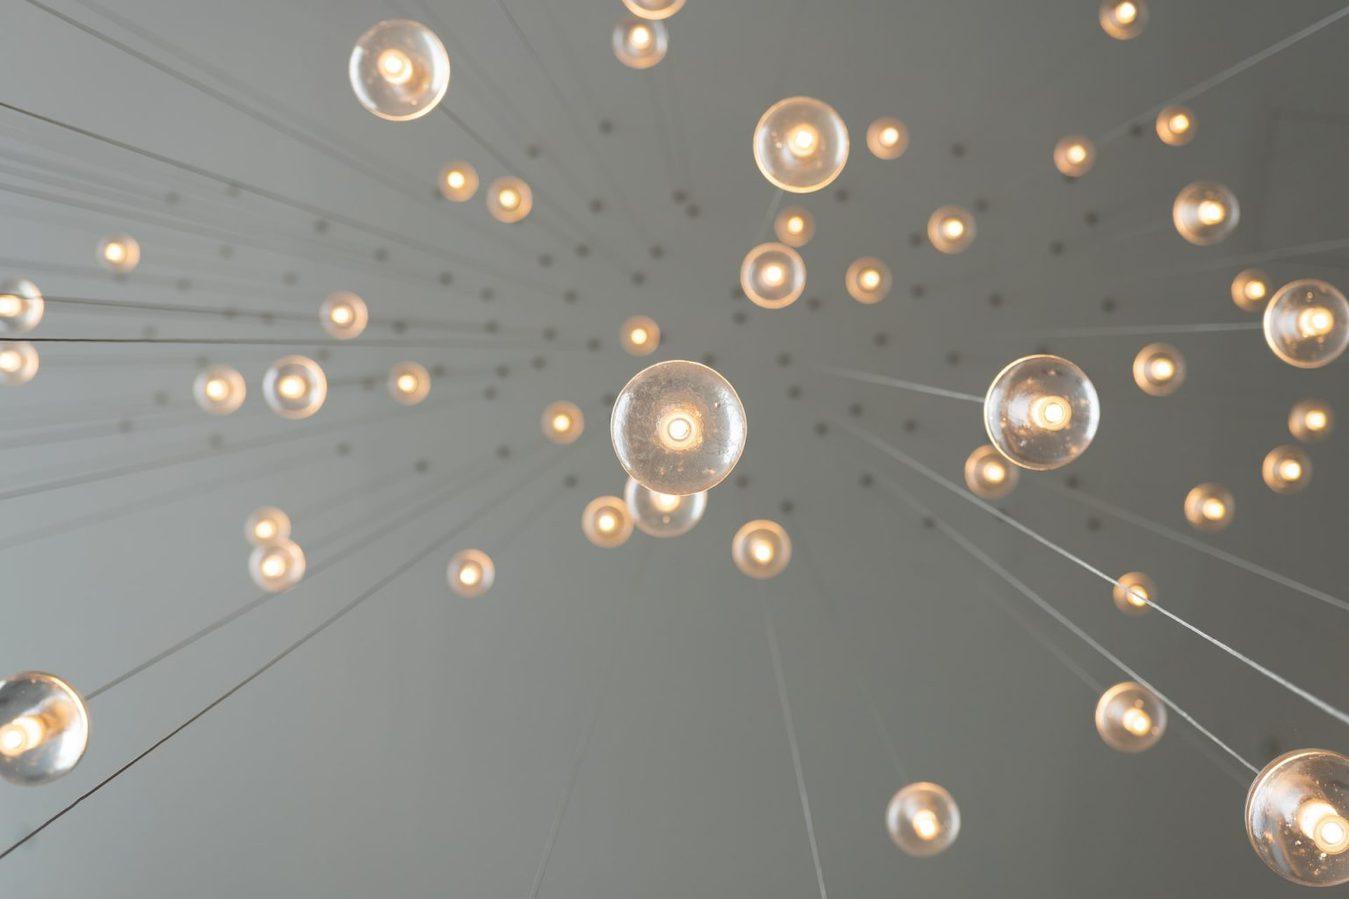 Bolhas de luz penduradas de forma criativa